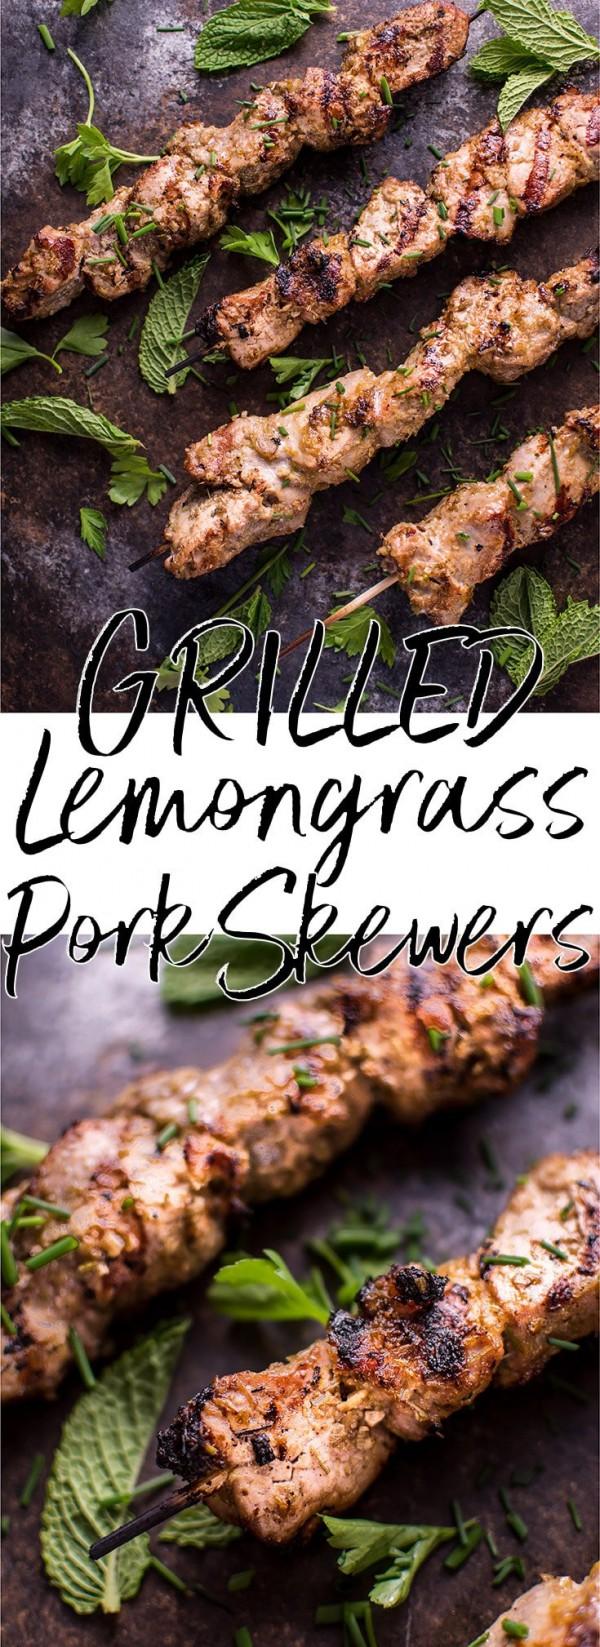 Get the recipe Grilled Lemongrass Pork Skewers @recipes_to_go